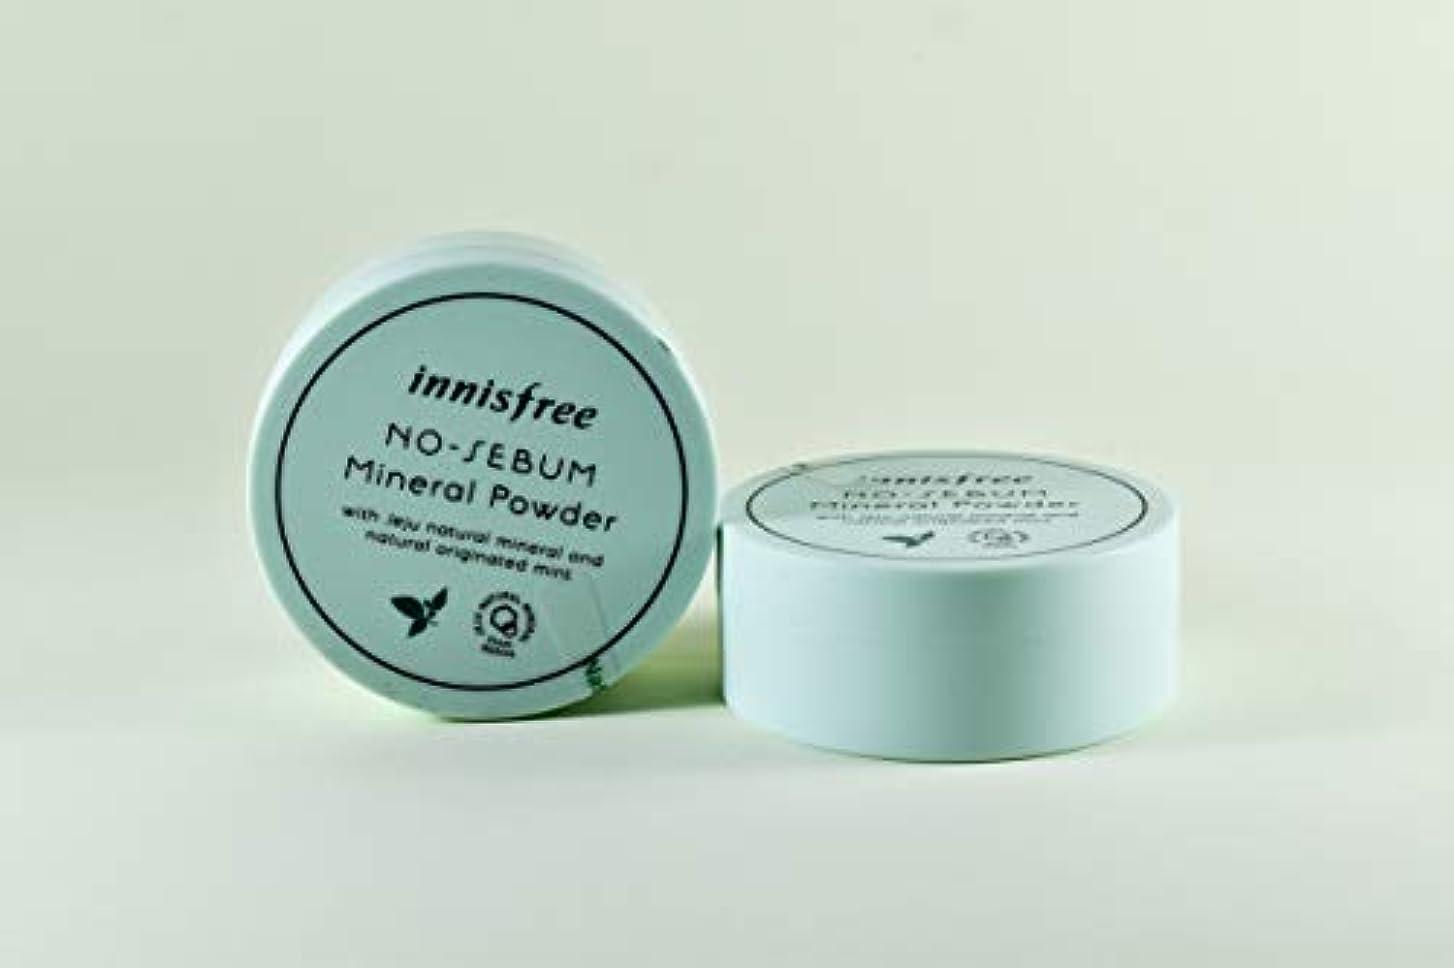 コックサラミヘクタールイニスフリー(Innisfree) No-Sebum Mineral Powder 5g/0.17oz並行輸入品